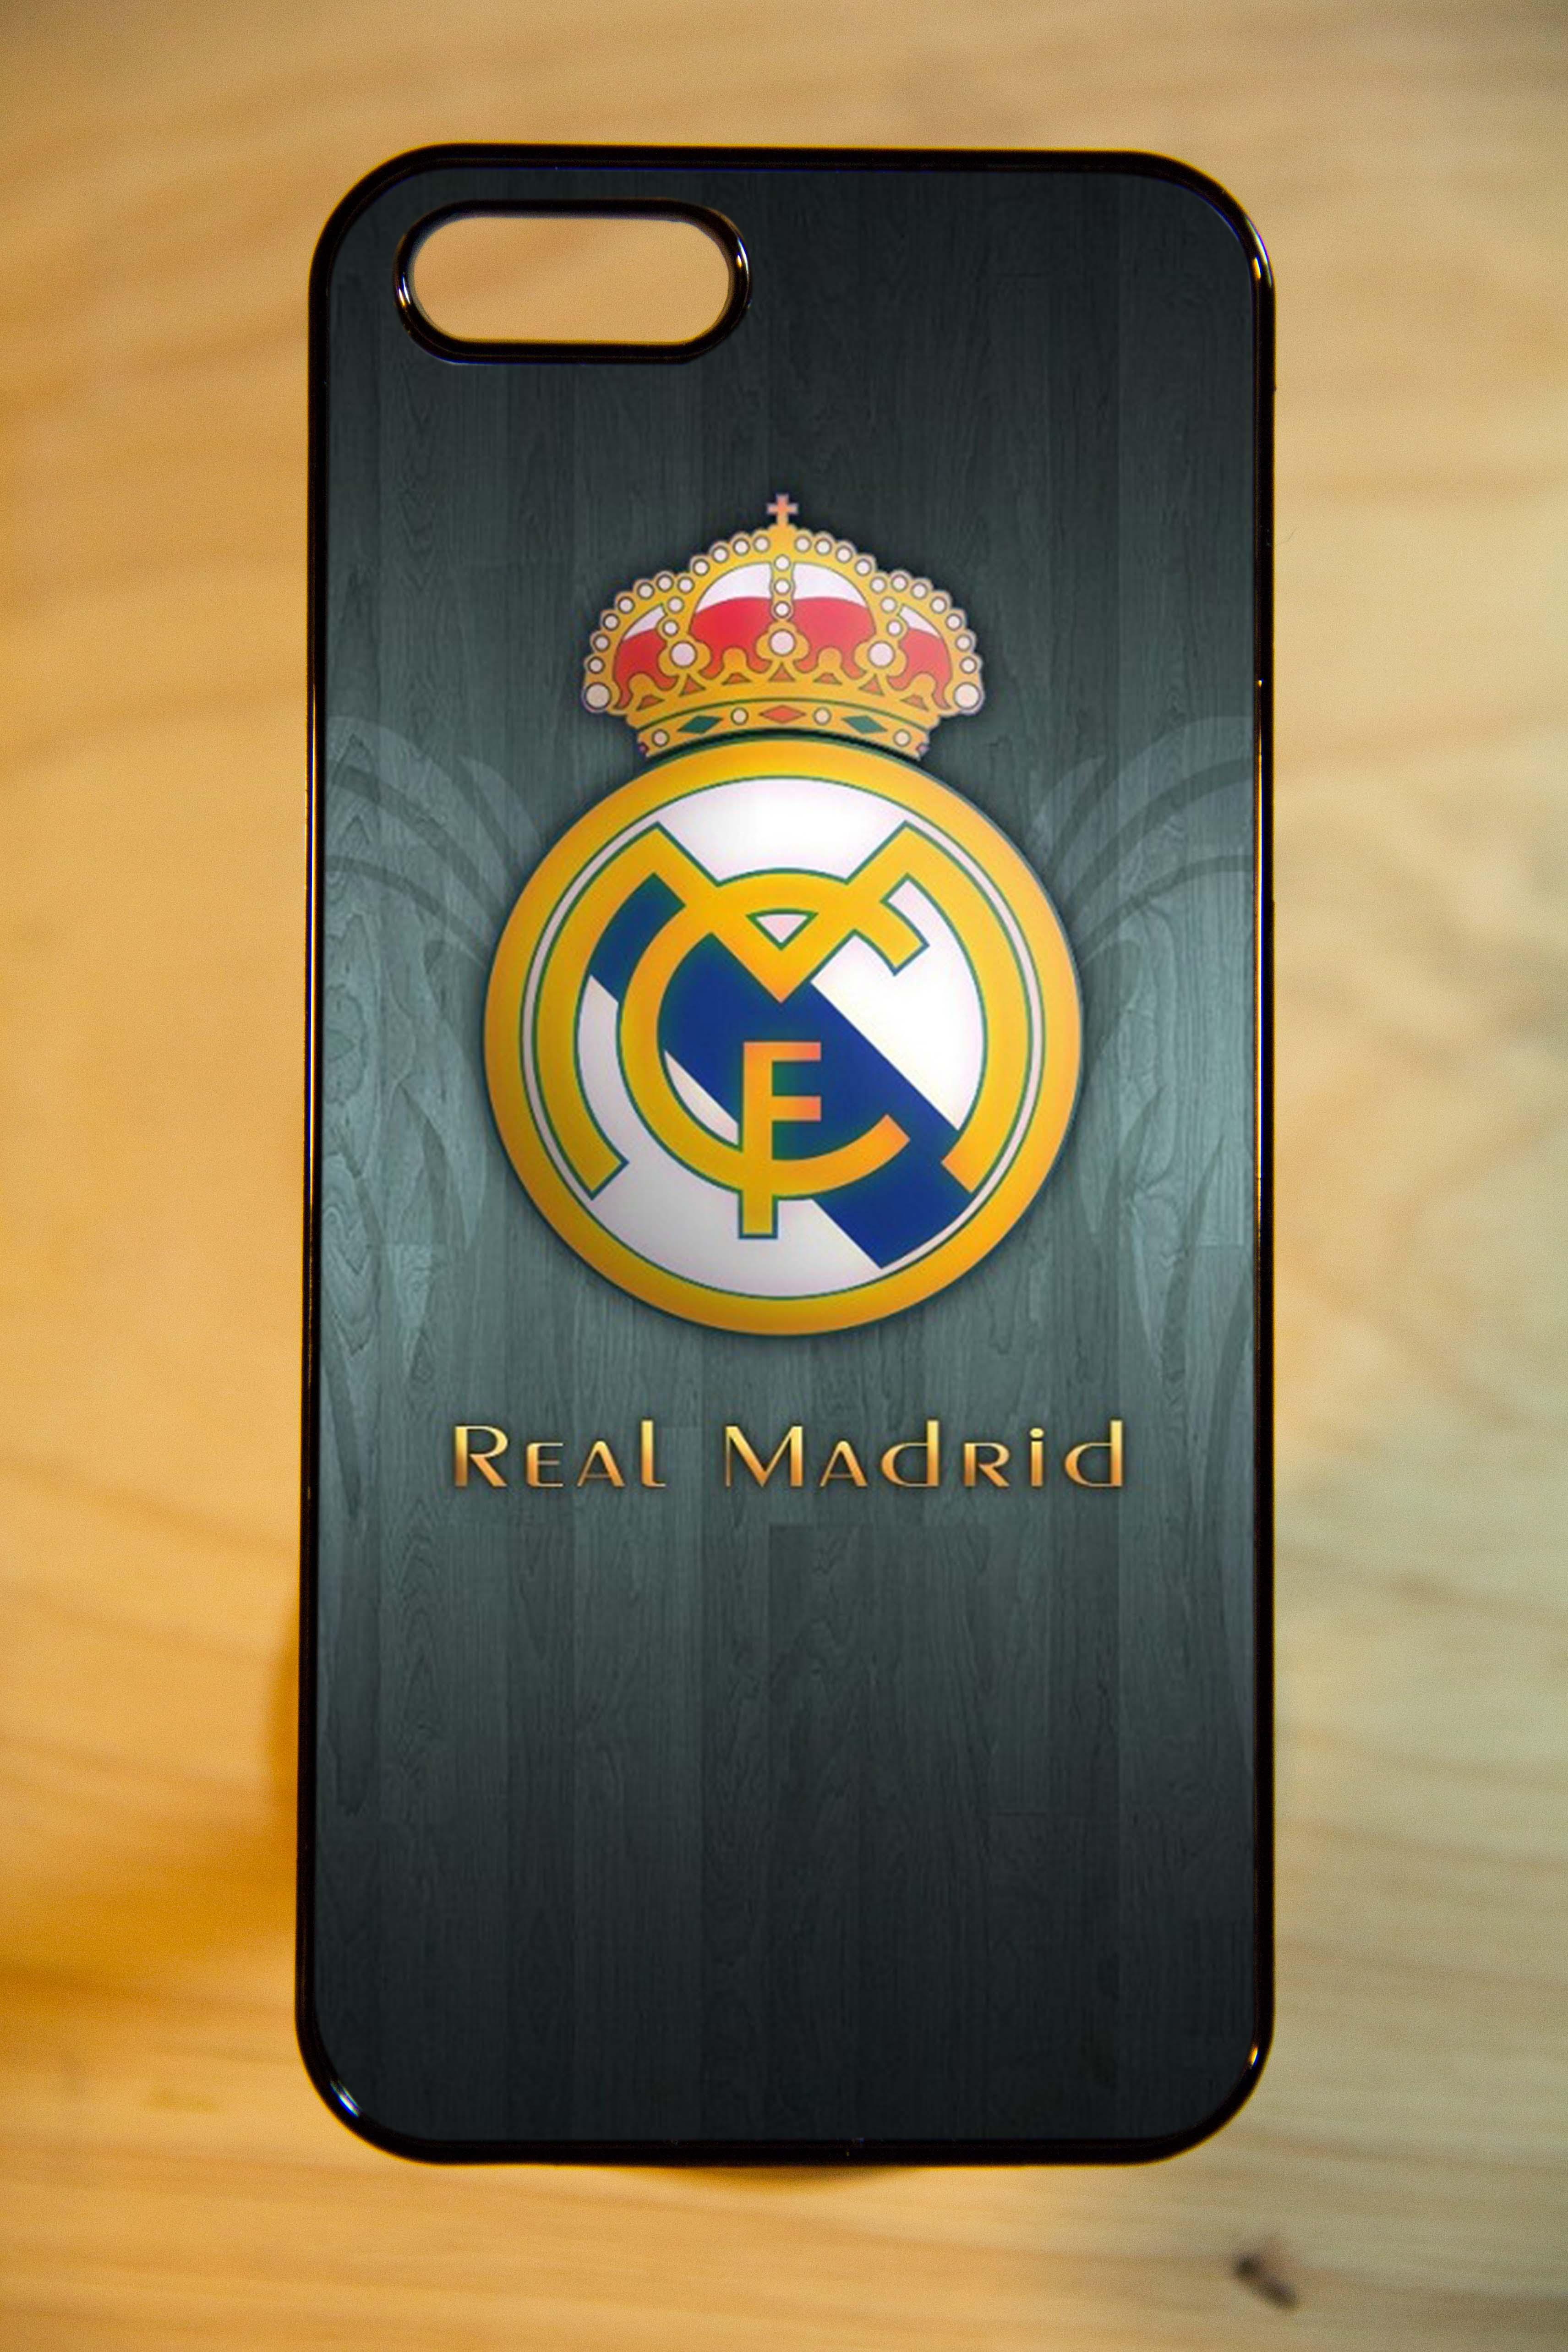 เคสโทรศัพท์ สกรีน - Real Madrid